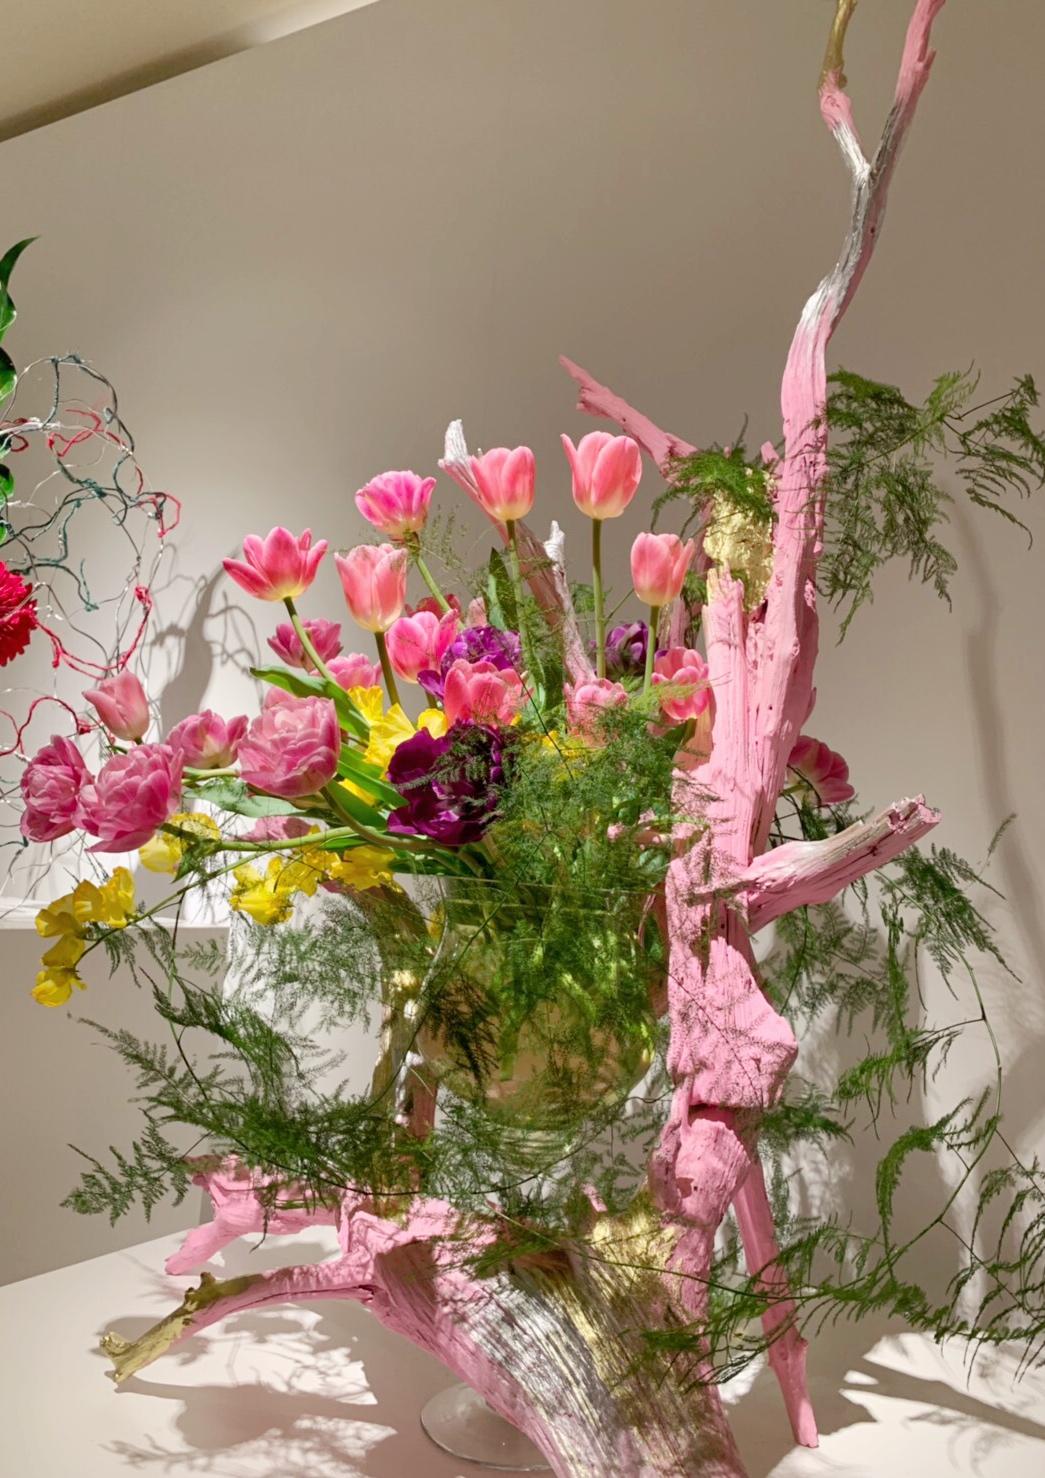 3/25まで!第100回草月いけばな展「花賛歌」が日本橋高島屋で開催中♡_5